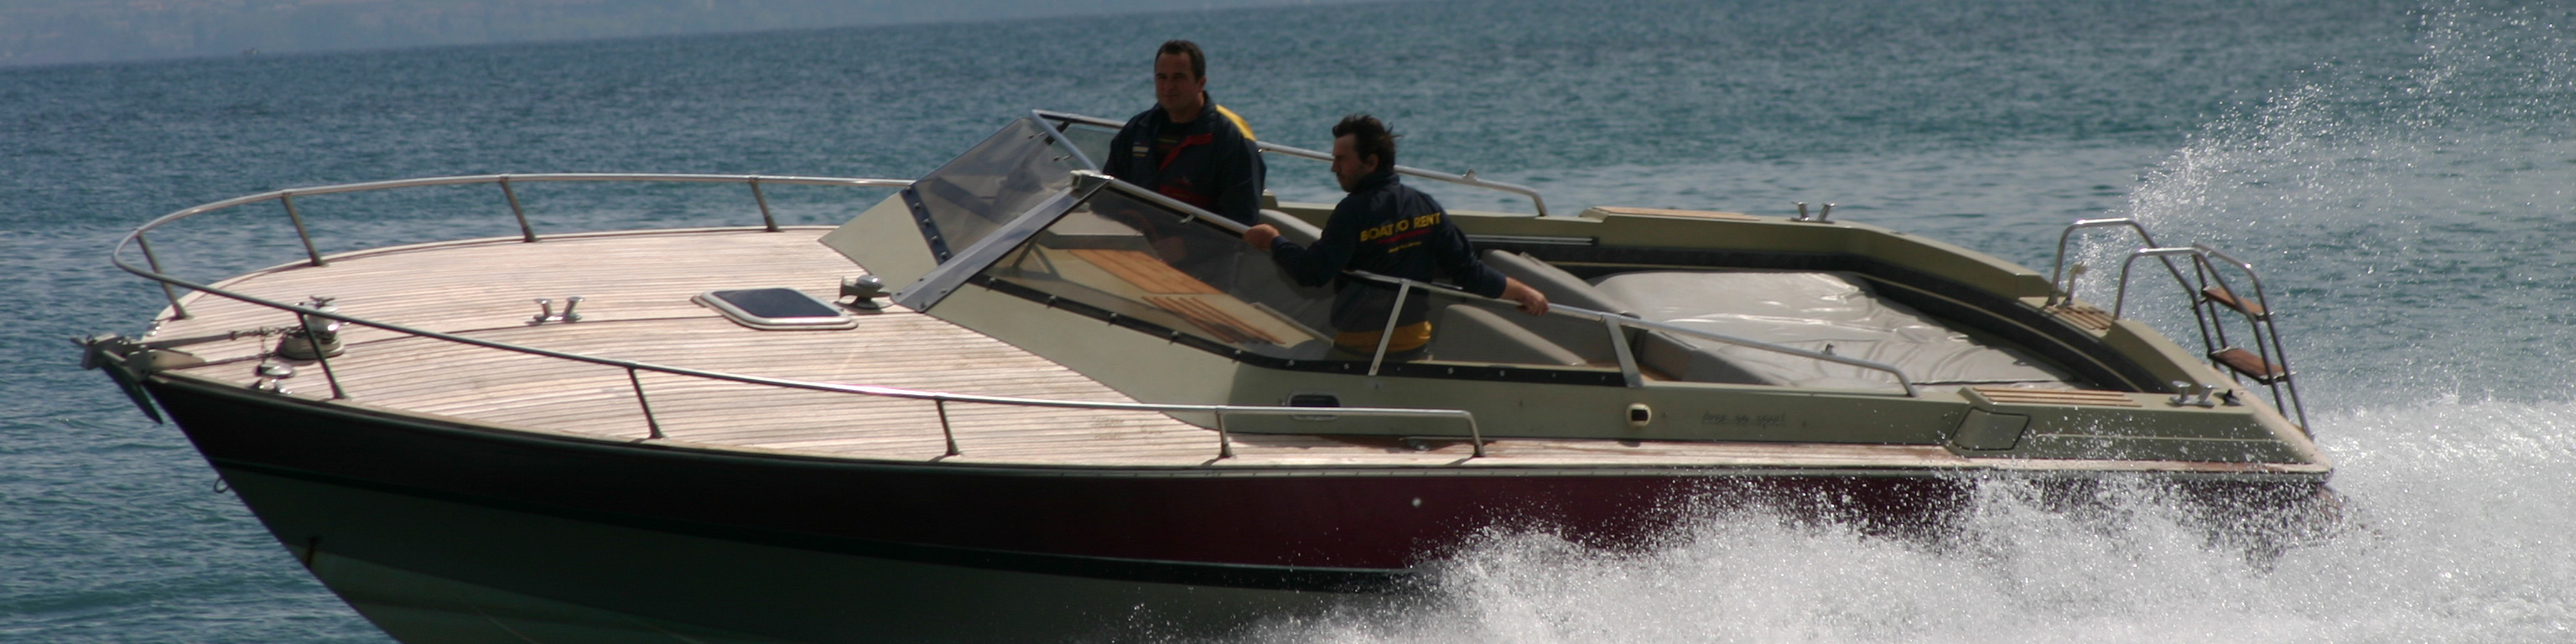 Per scoprire il lago di garda noleggi una imbarcazione da rappydrive